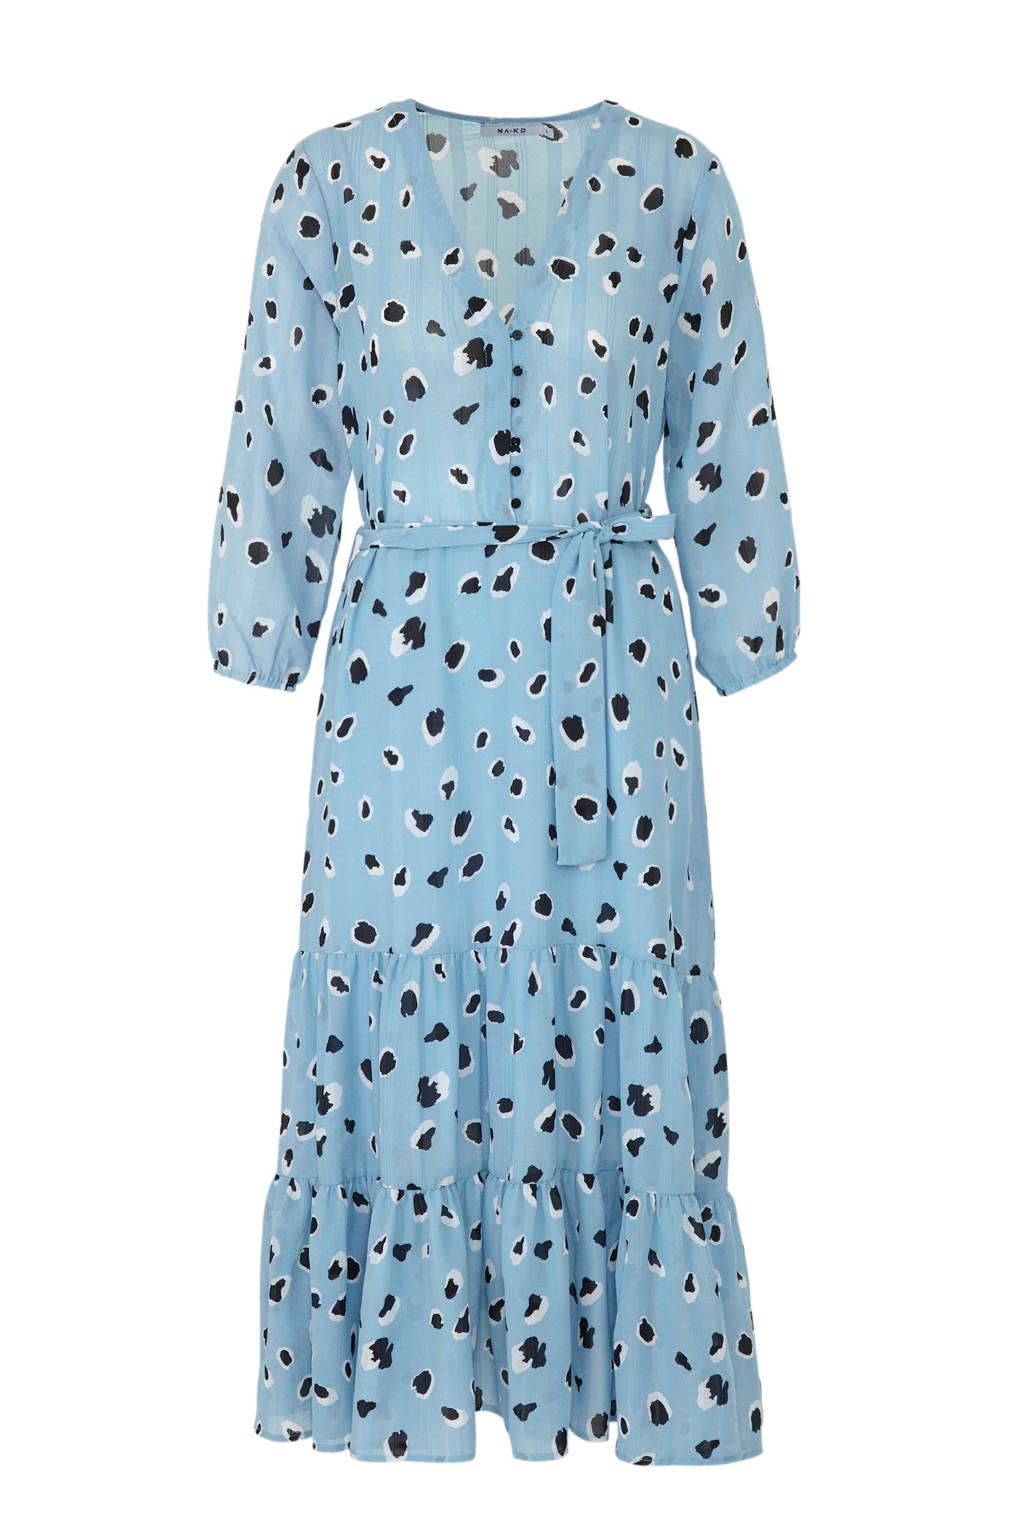 NA-KD jurk met panterprint en volant blauw, Blauw/zwart/wit